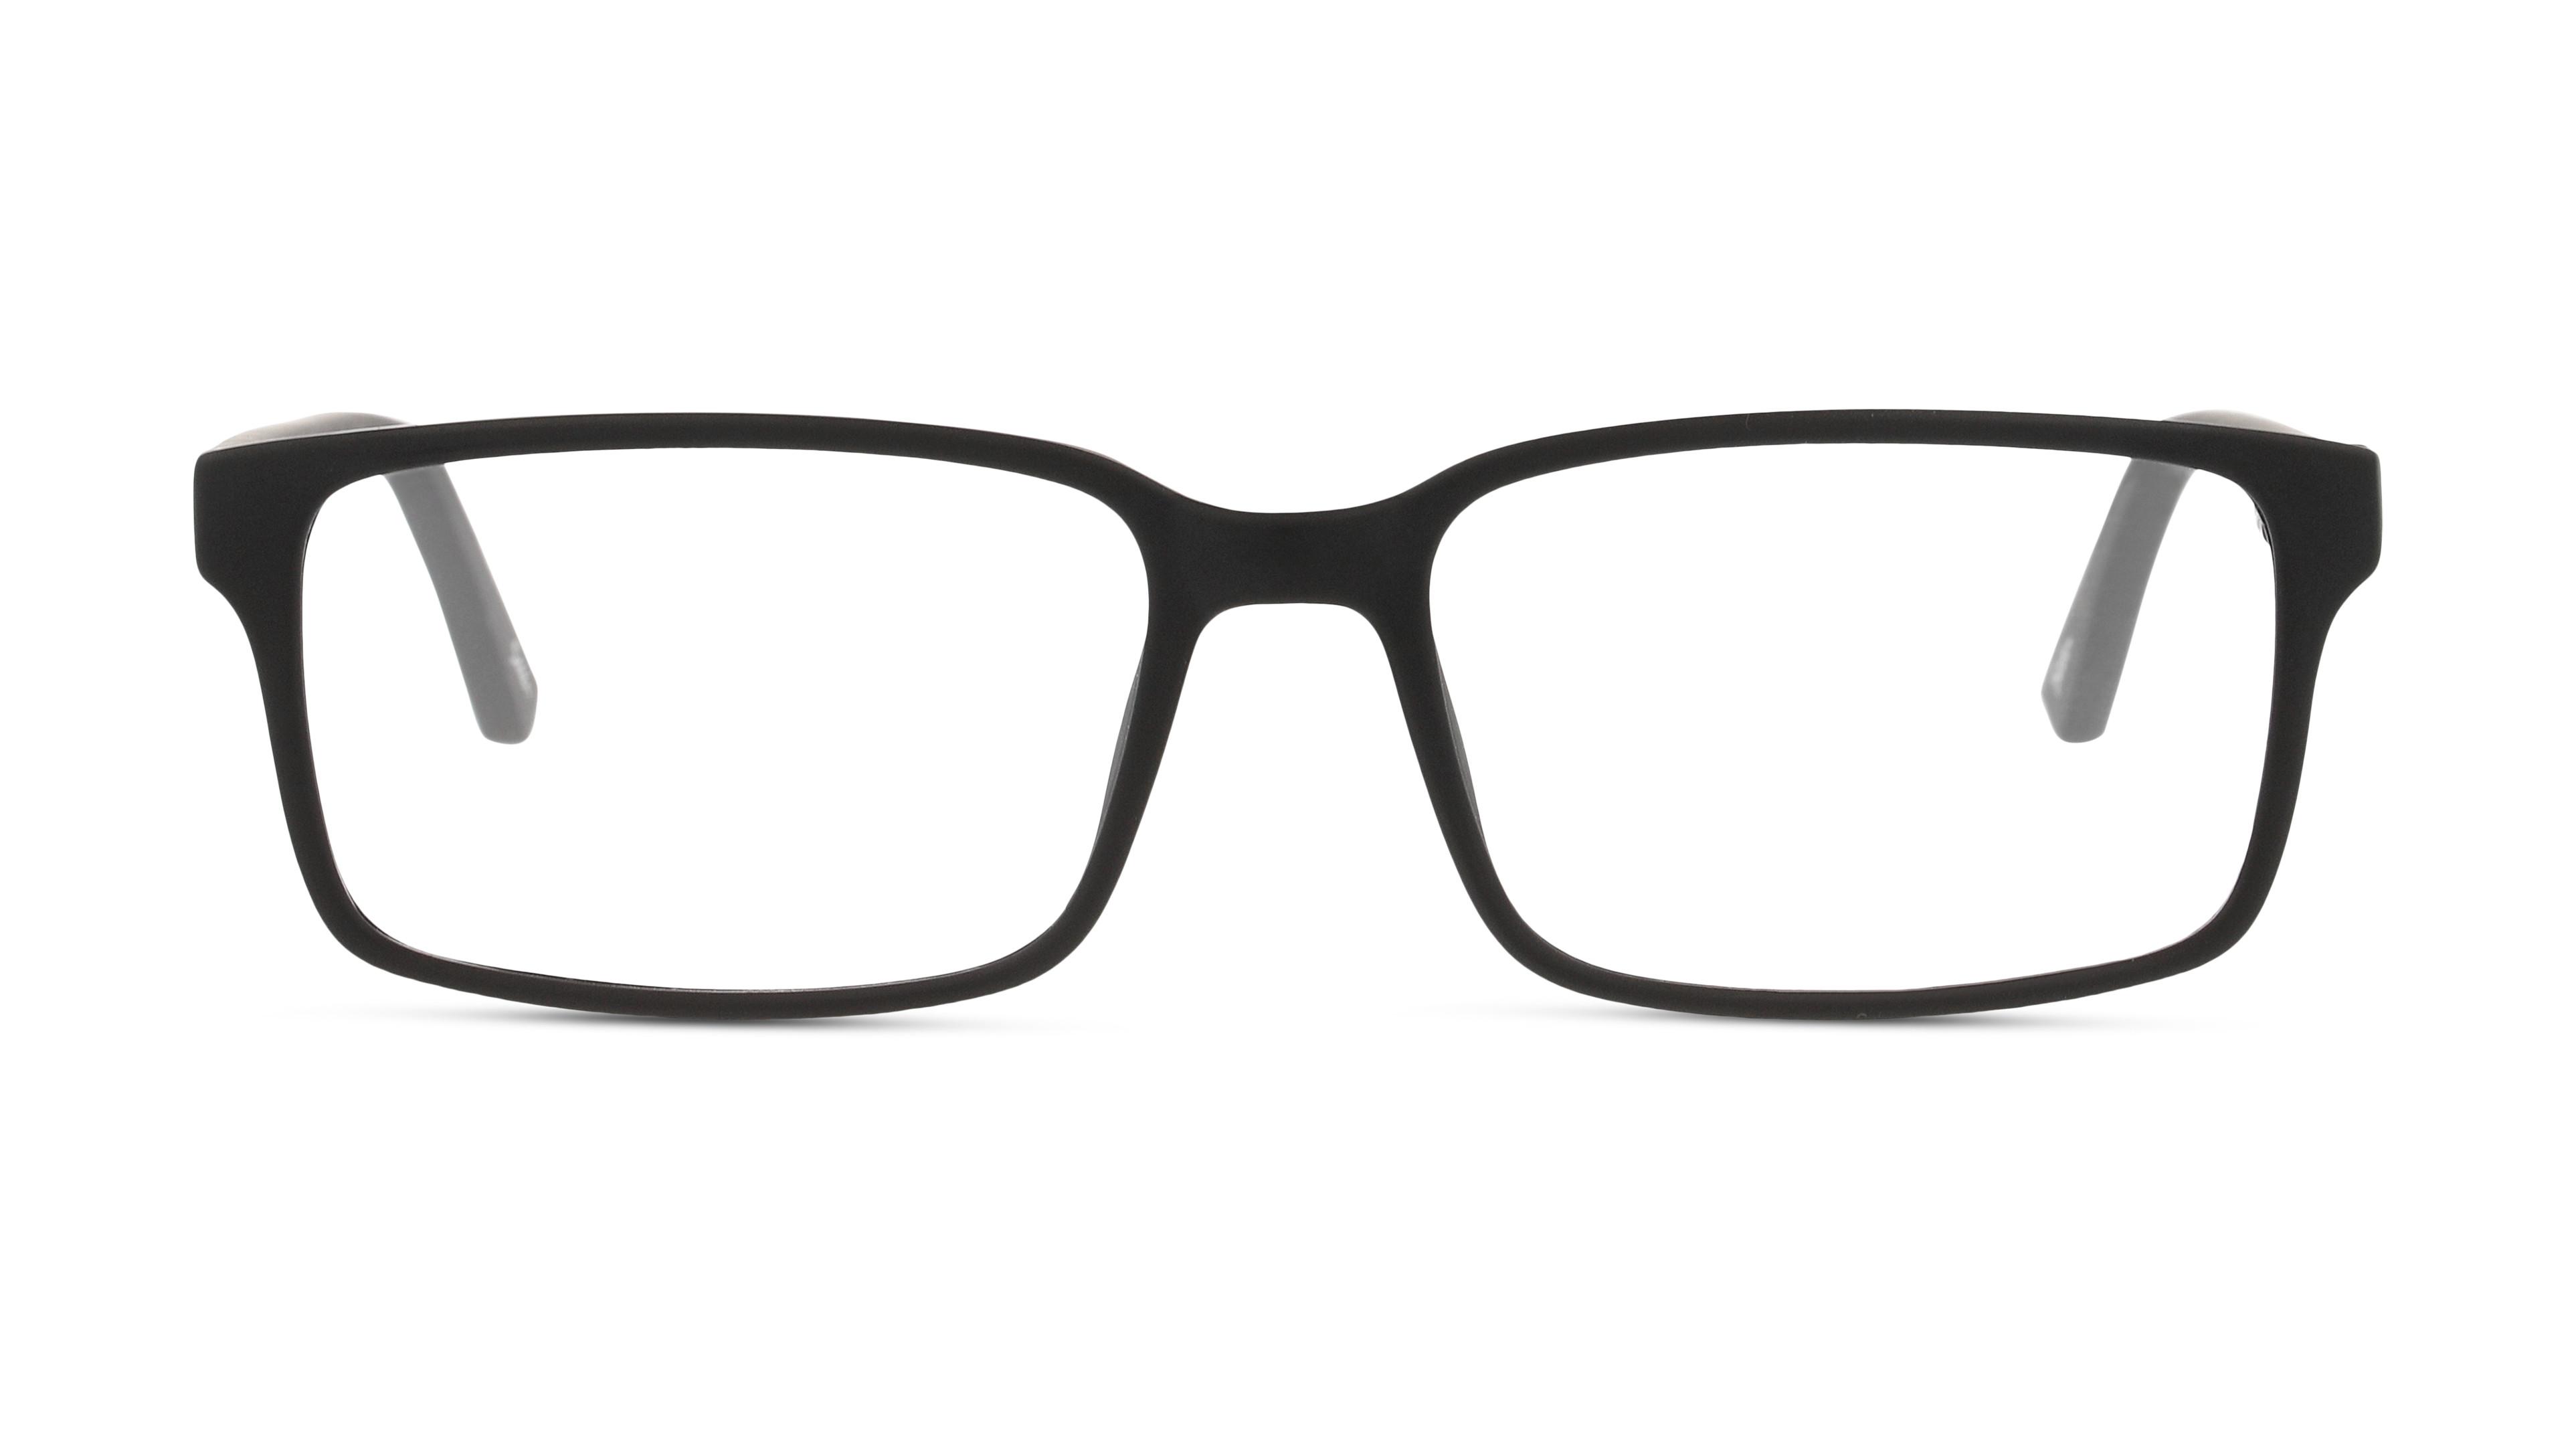 8719154778957-front-brillenfassung-seen-snam21-black